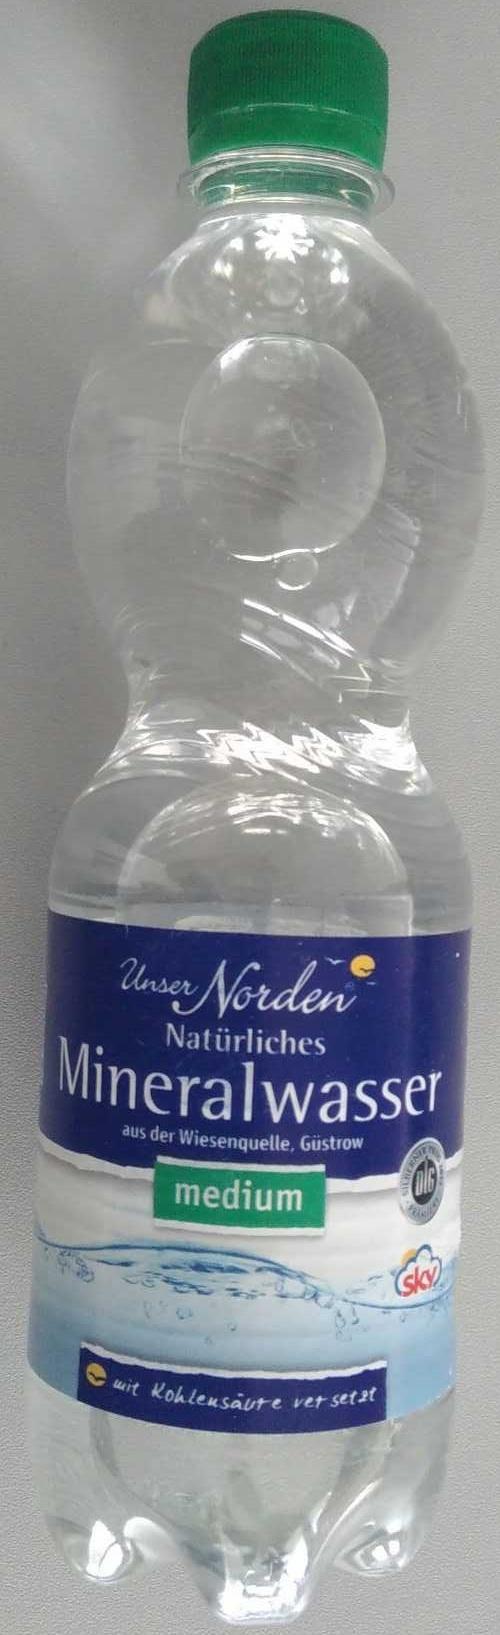 Natürliches Mineralwasser medium - Product - de